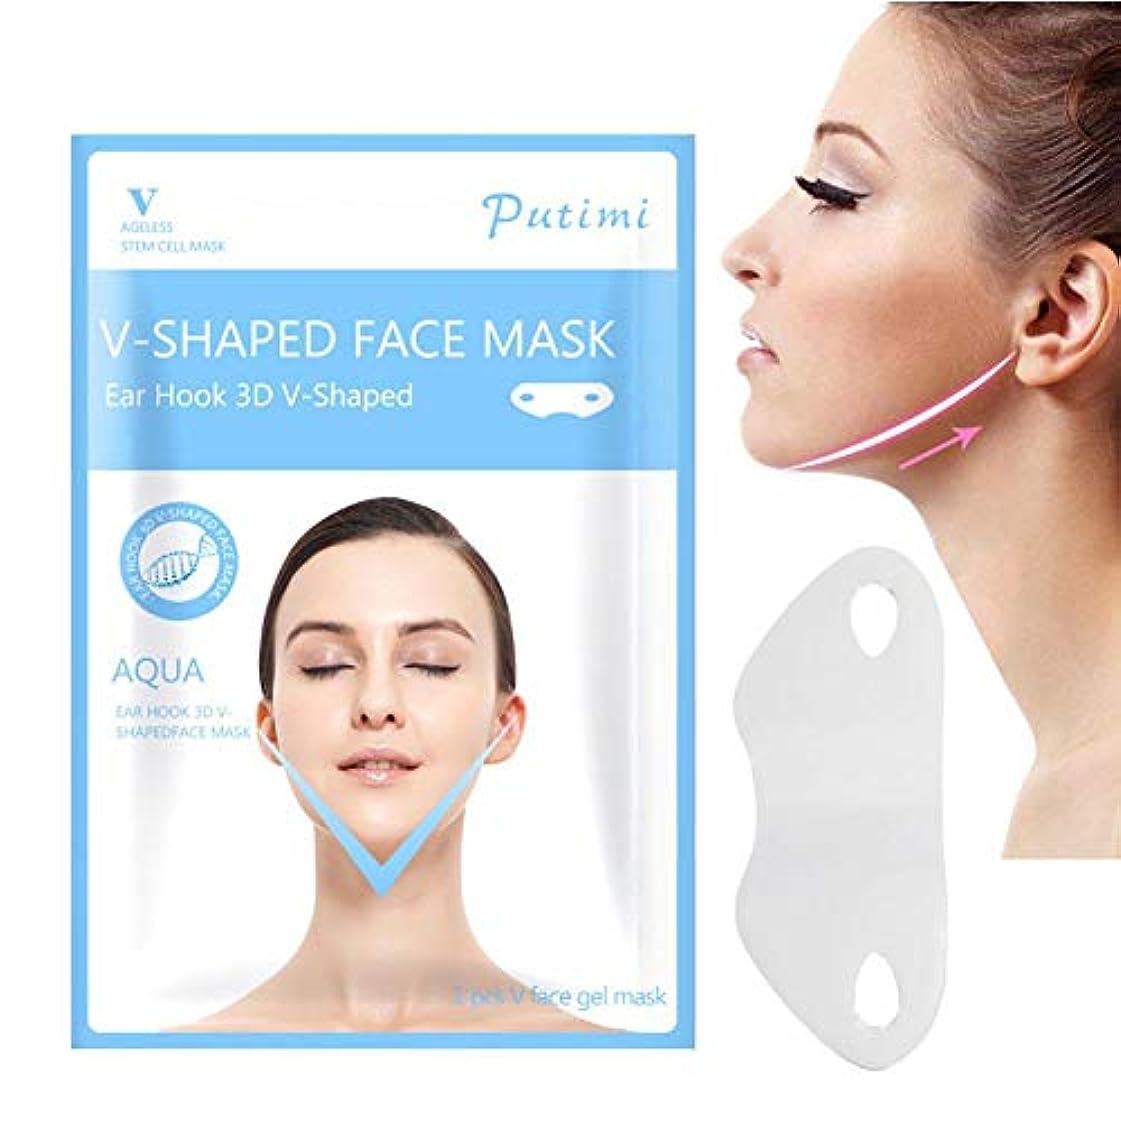 回路不規則な柔らかい足SILUN 最新型 Vフェイシャルマスク フェイスマスク 小顔 マスク フェイスラインベルト 美顔 顔痩せ 保湿 血行を促進する 睡眠マスク